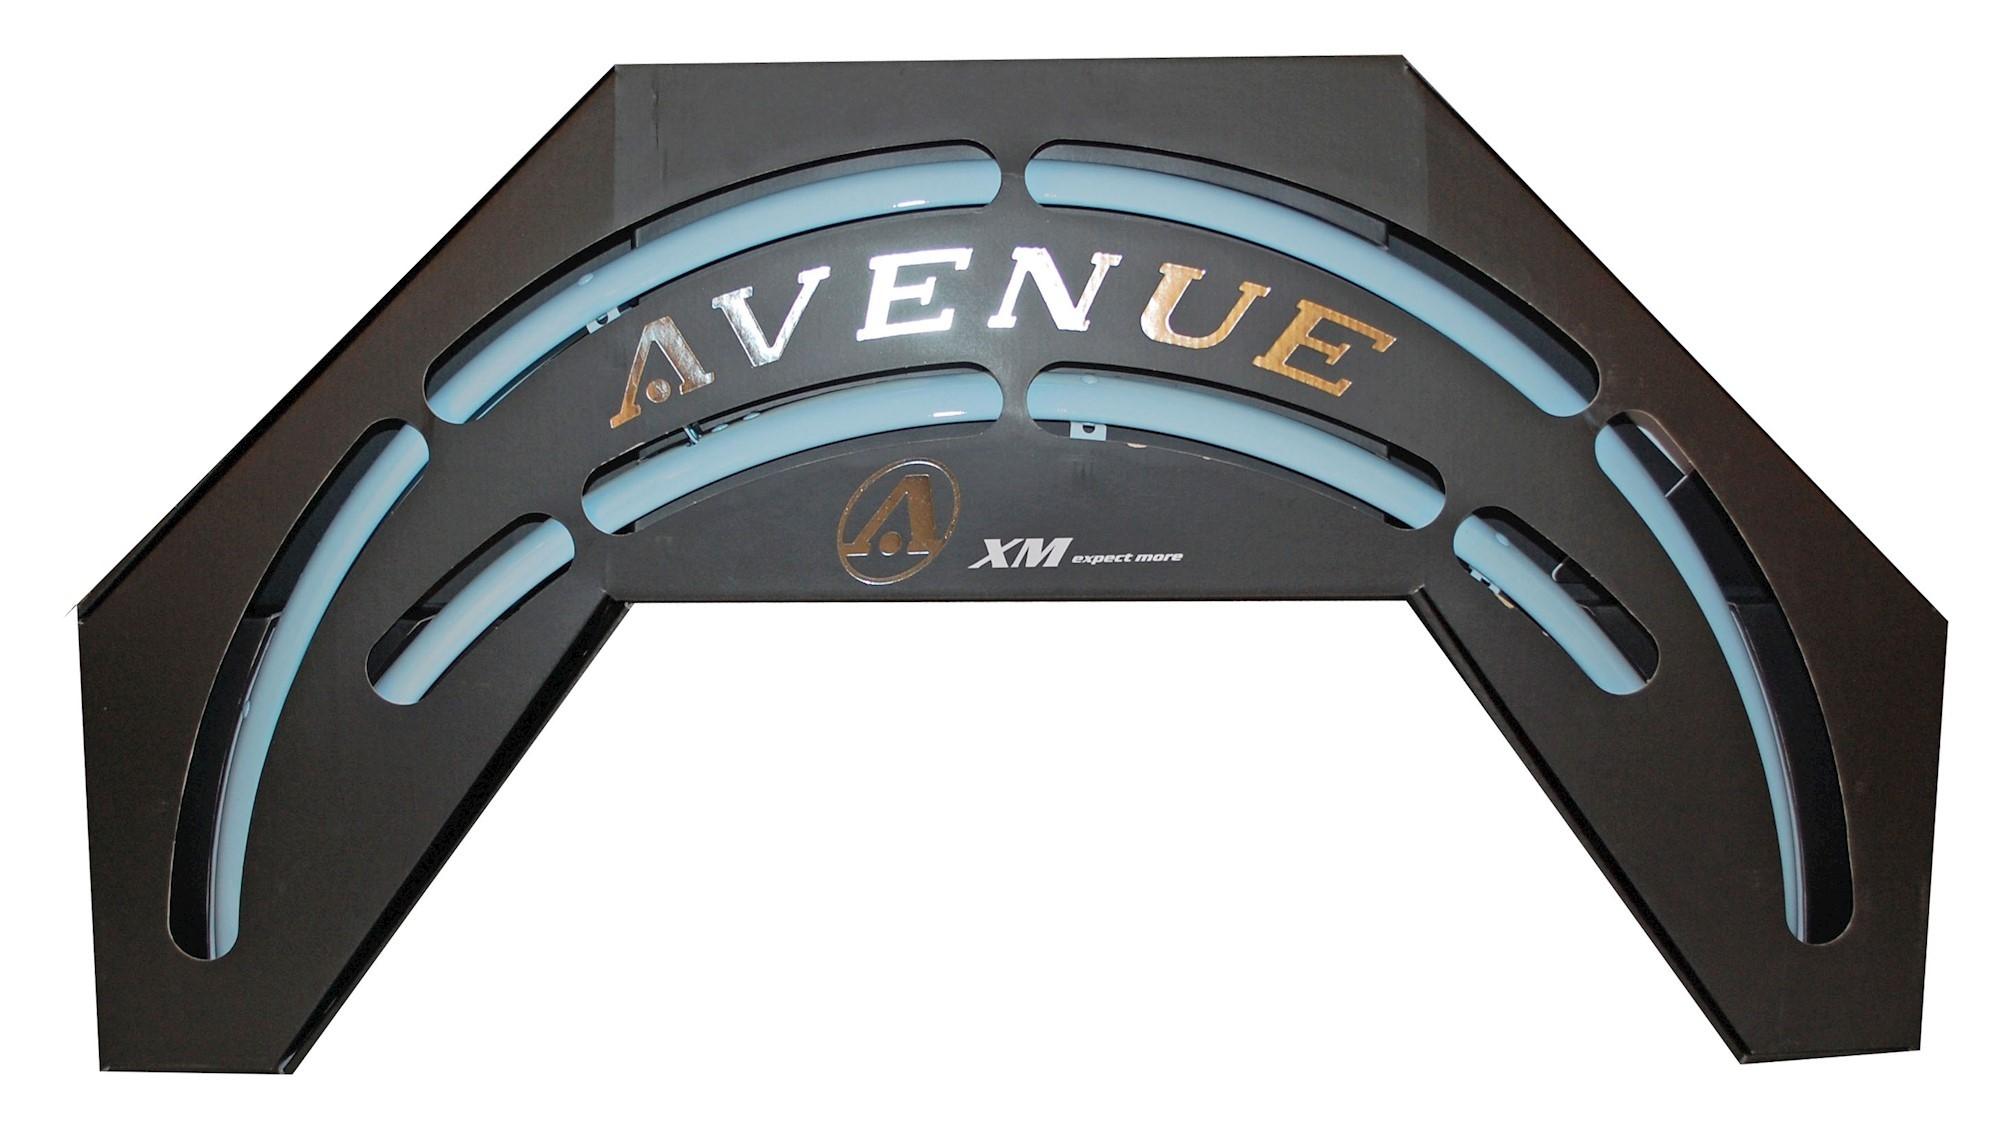 Image of Skærmsæt Avenue Sky Blue 35mm med dobbelt stivere